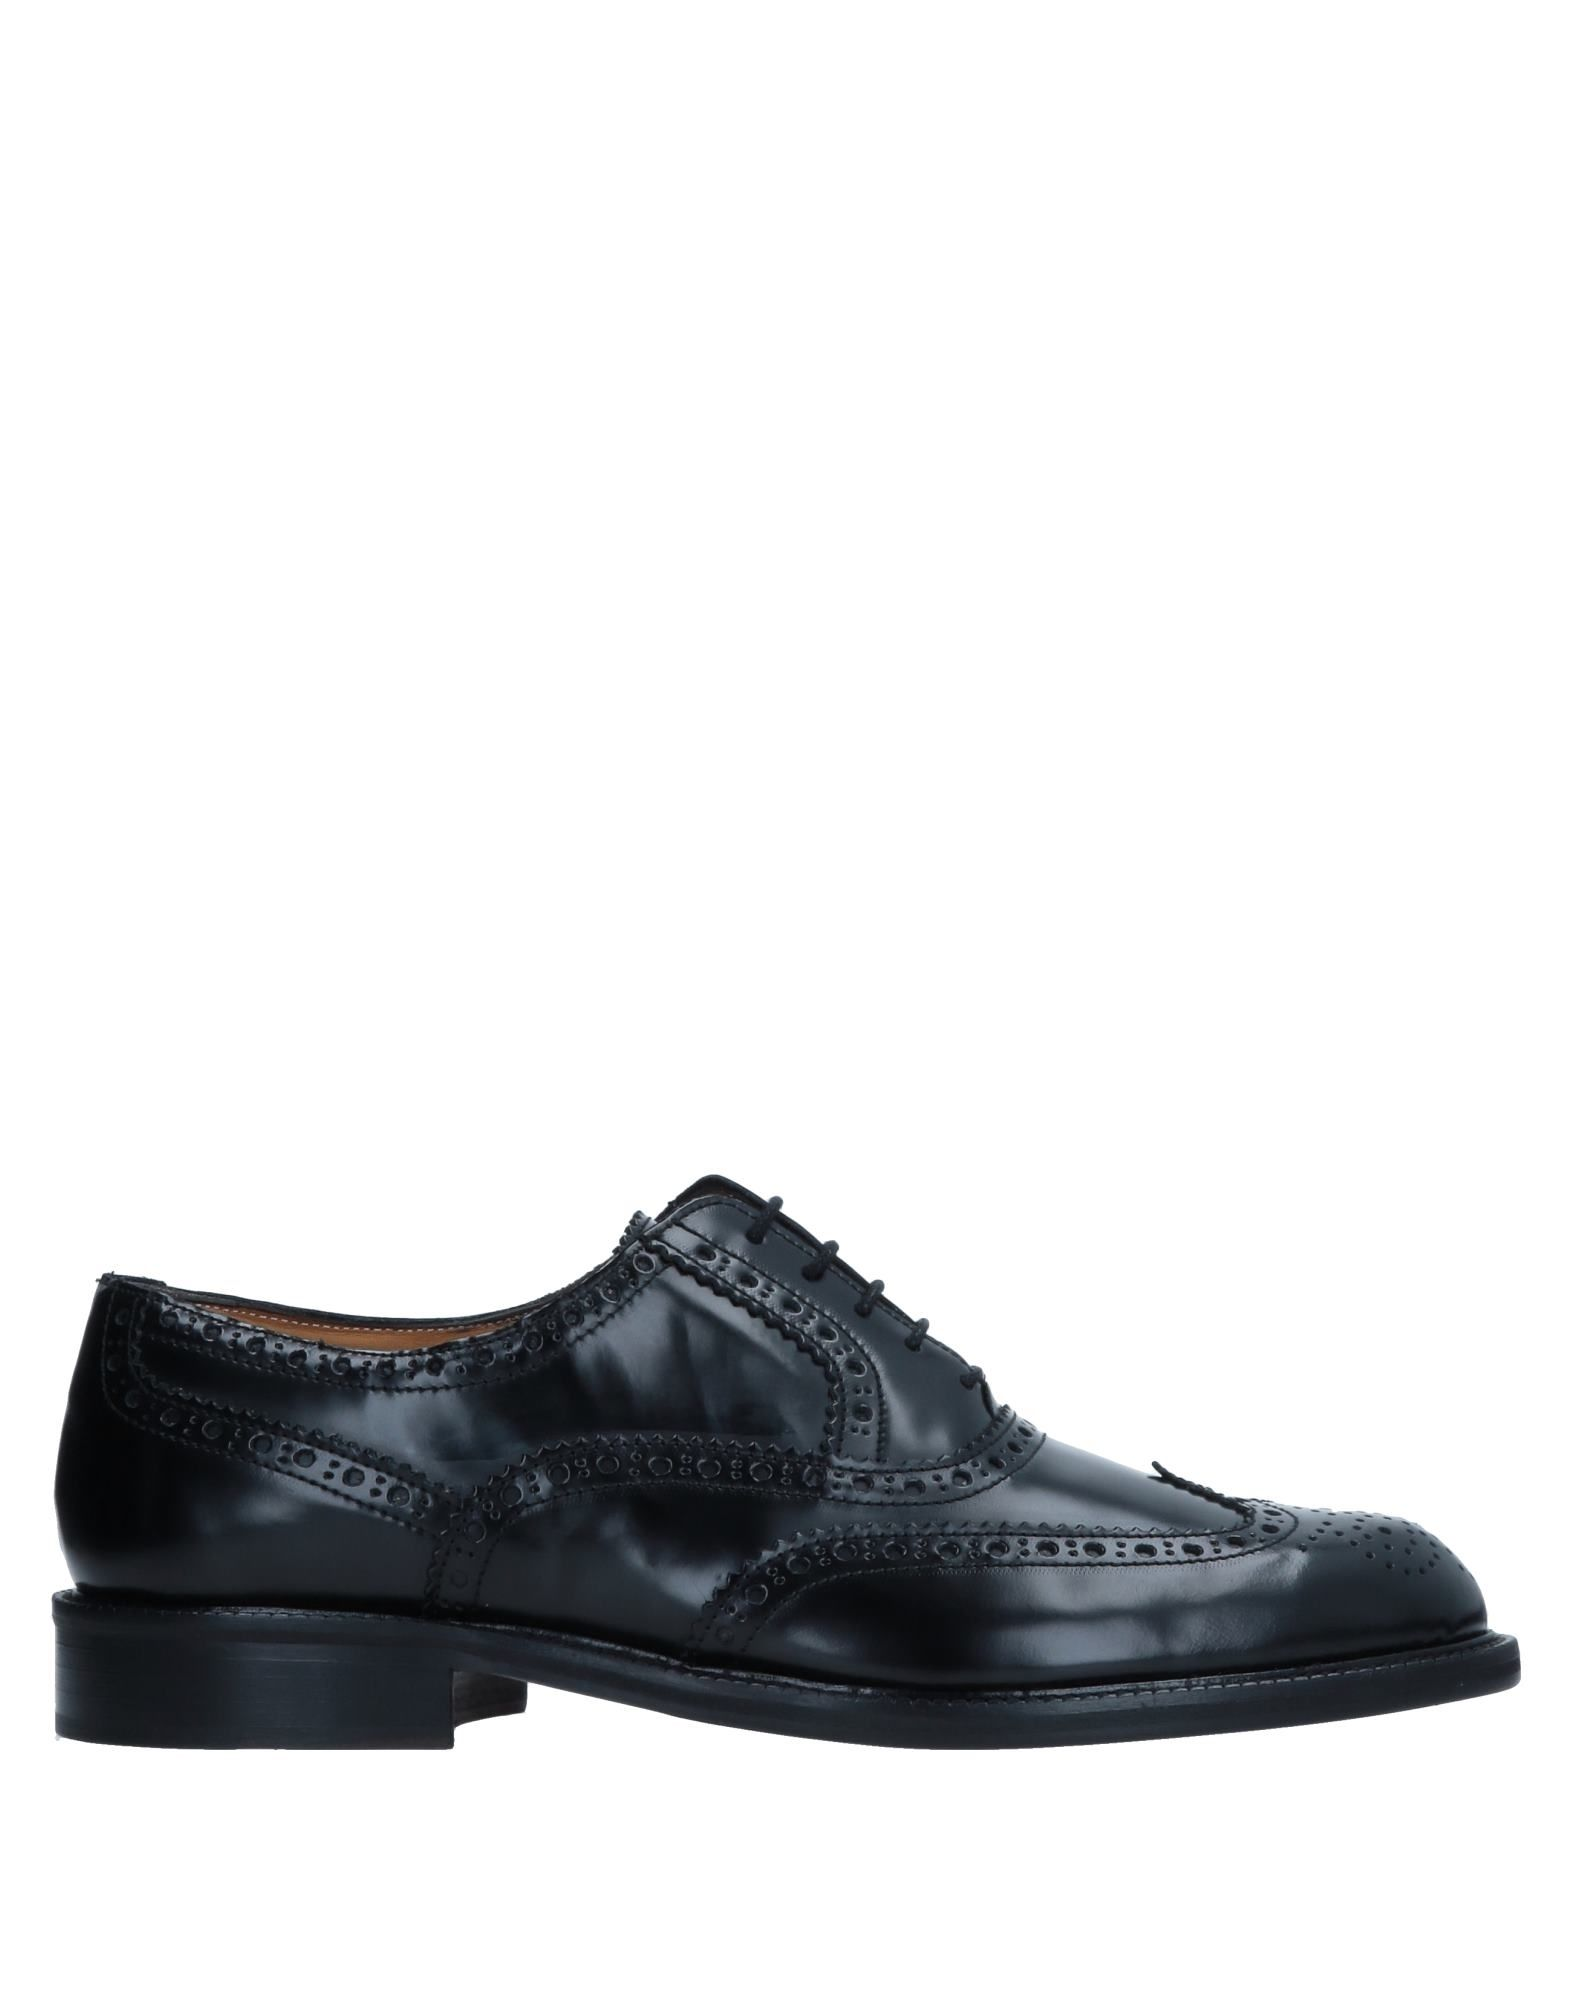 Devon Schnürschuhe Herren  11557731MC Gute Qualität beliebte Schuhe